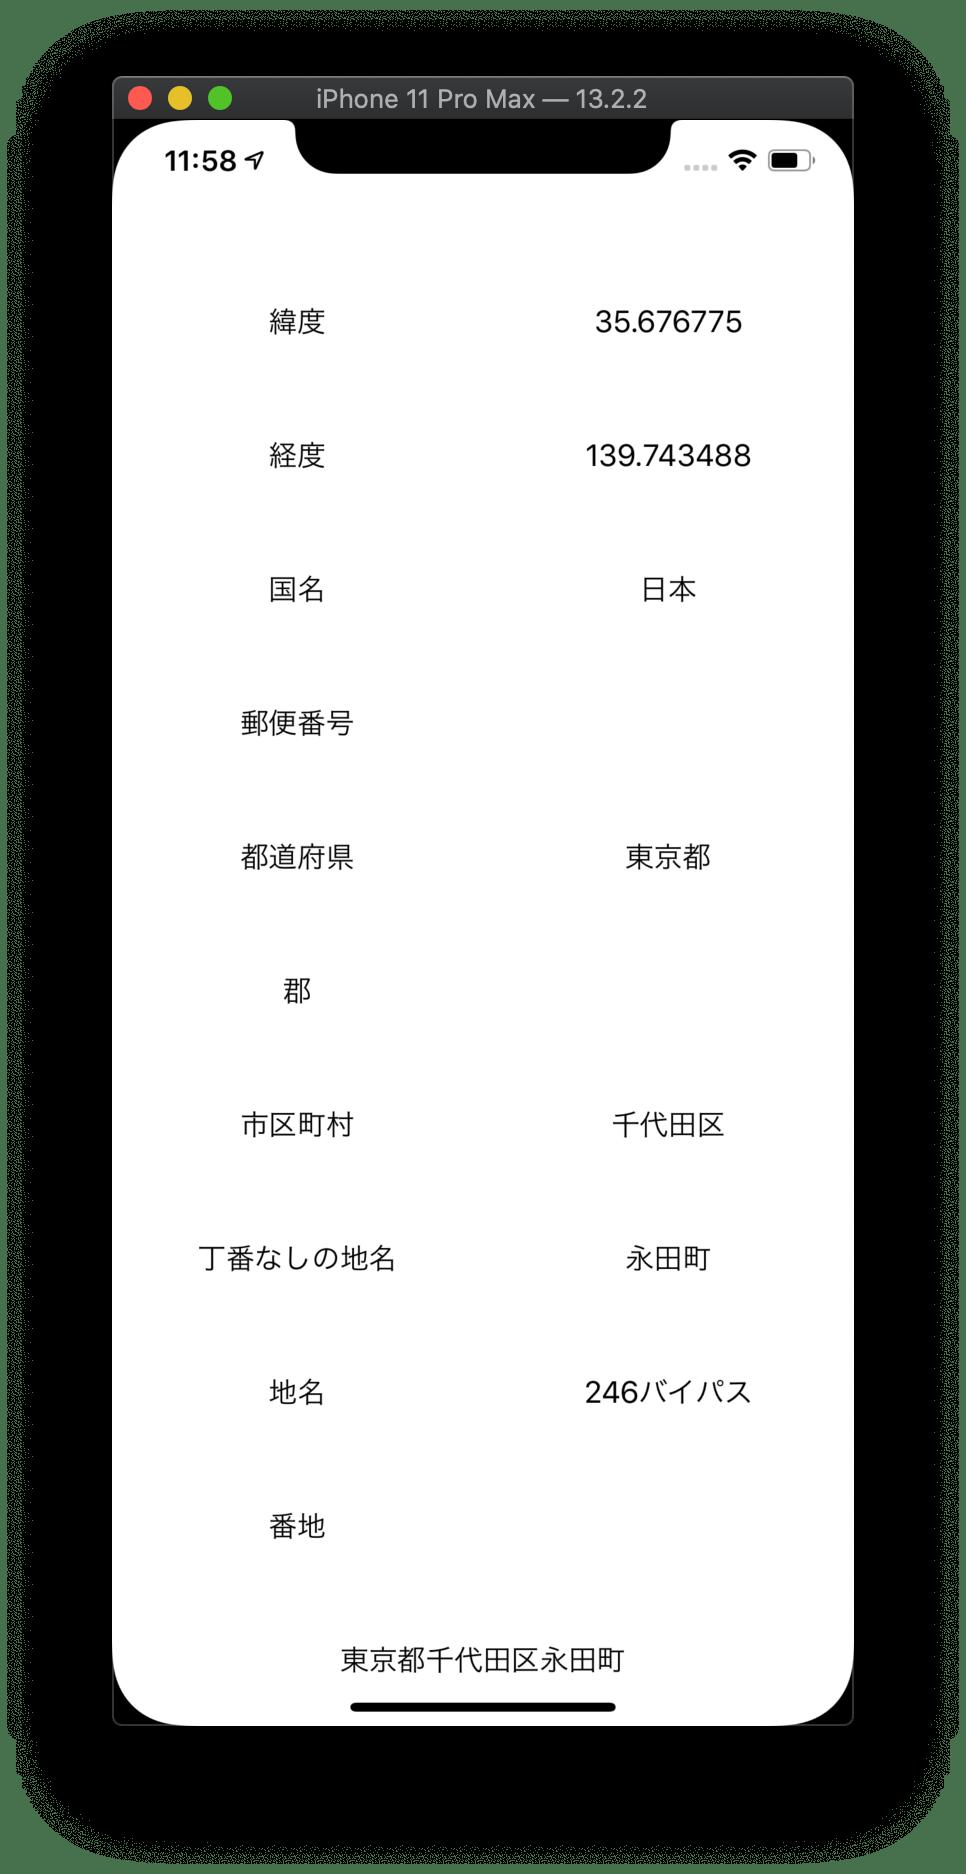 スクリーンショット 2019-11-26 23.58.09.png